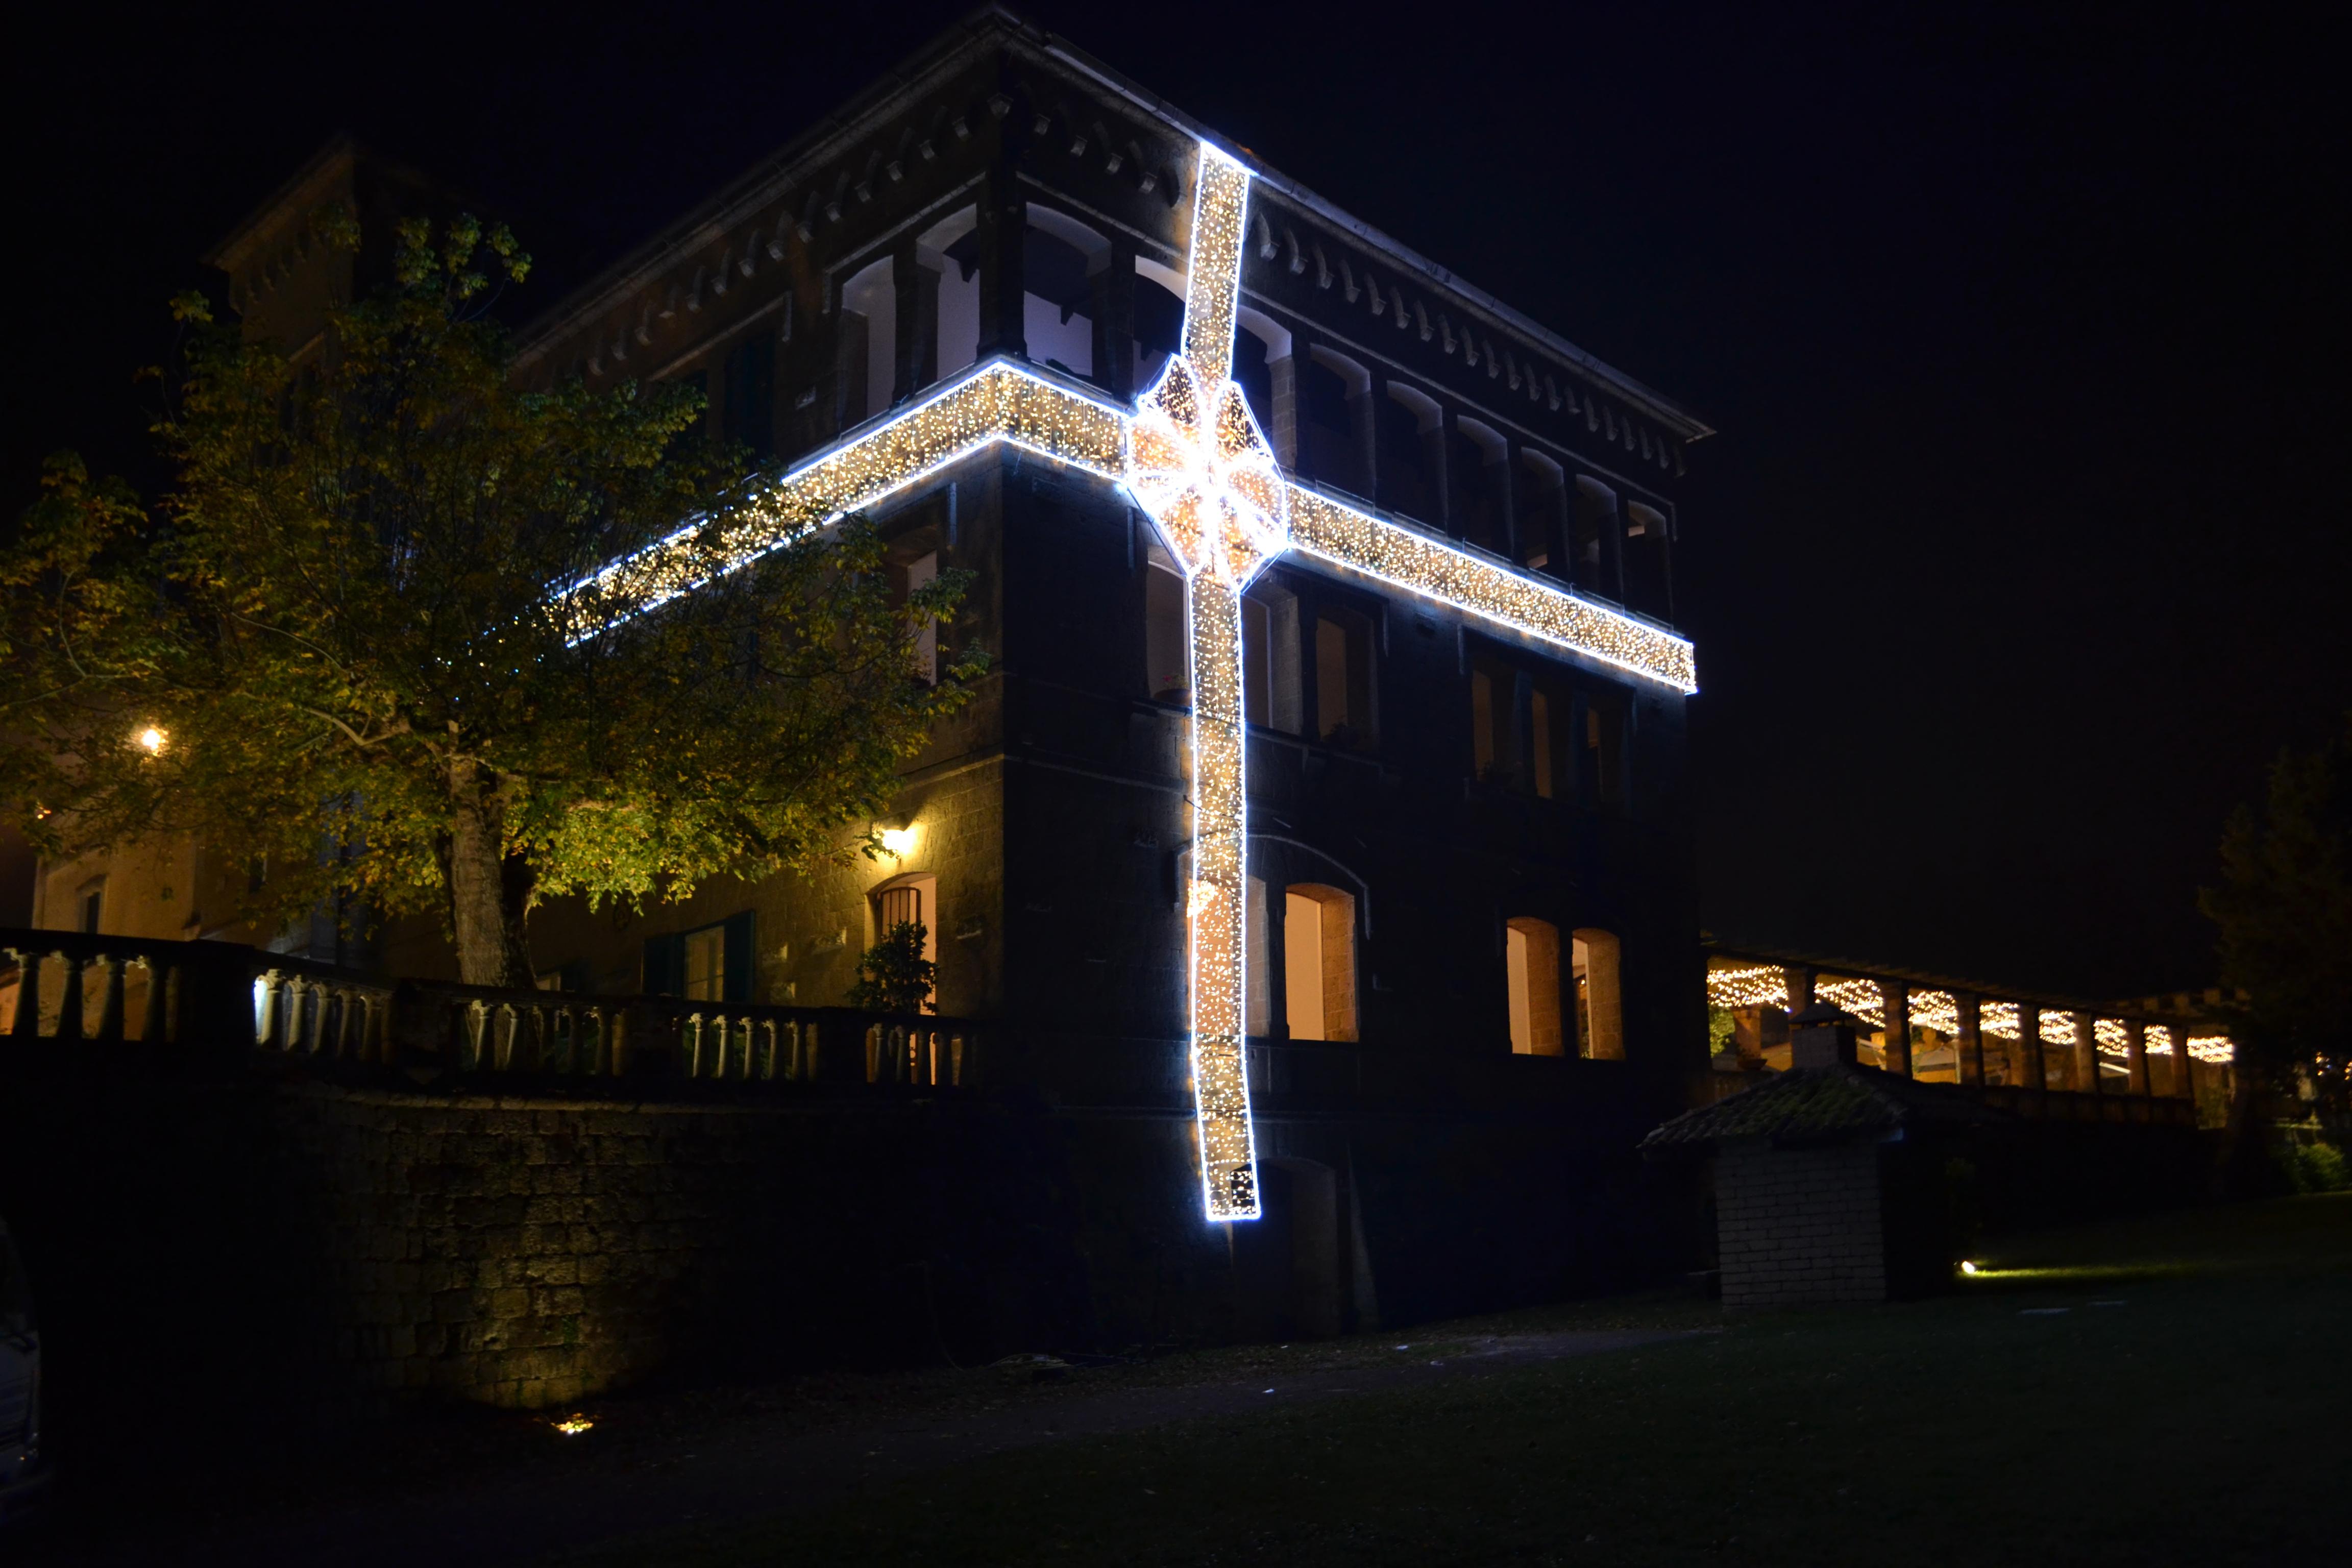 luminarie fiocchi caserta